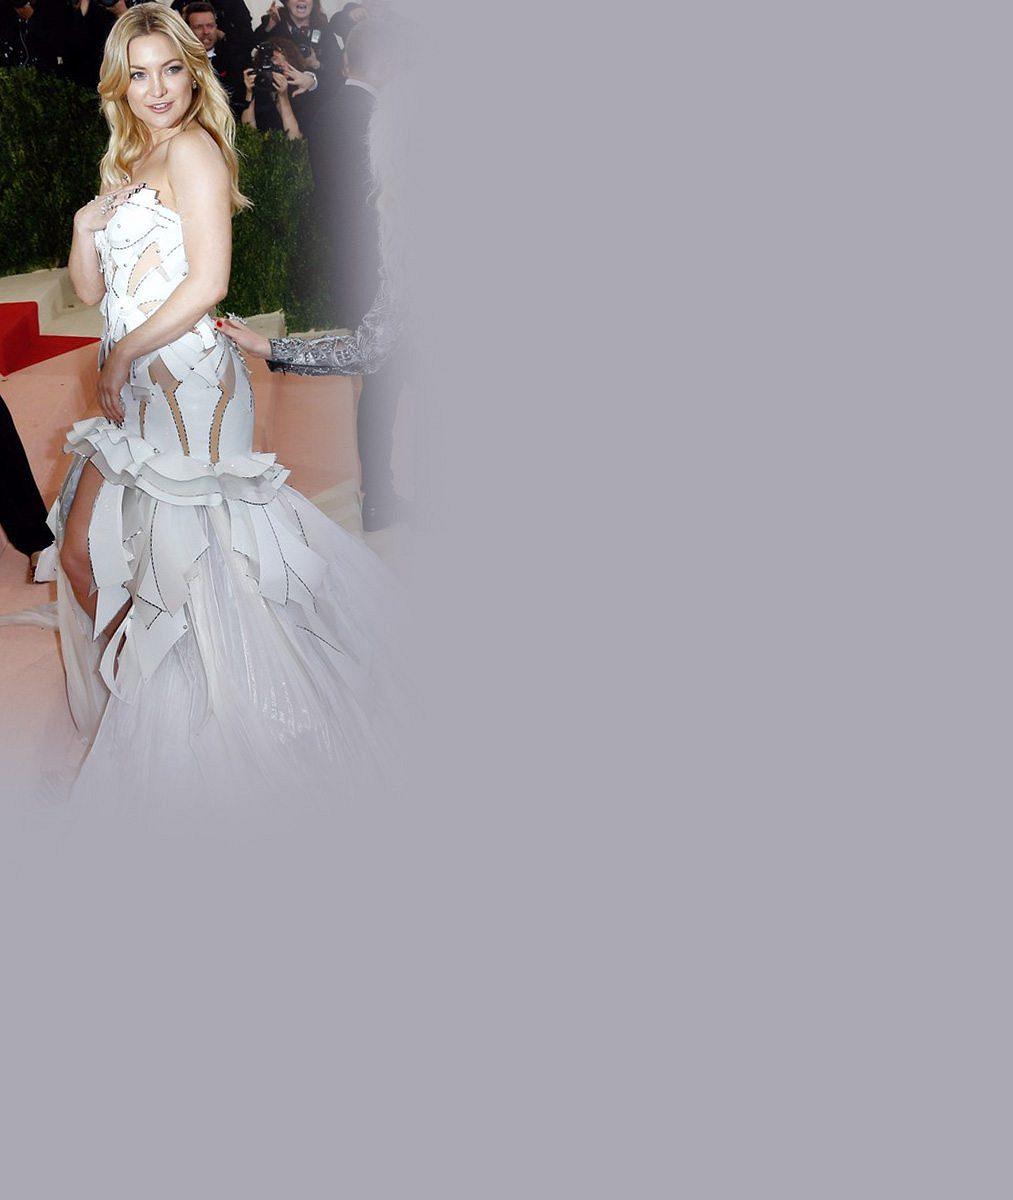 Tyhle fotky dělí pár hodin: Kate Hudson předtím apoté, co si ji vzali do parády profíci